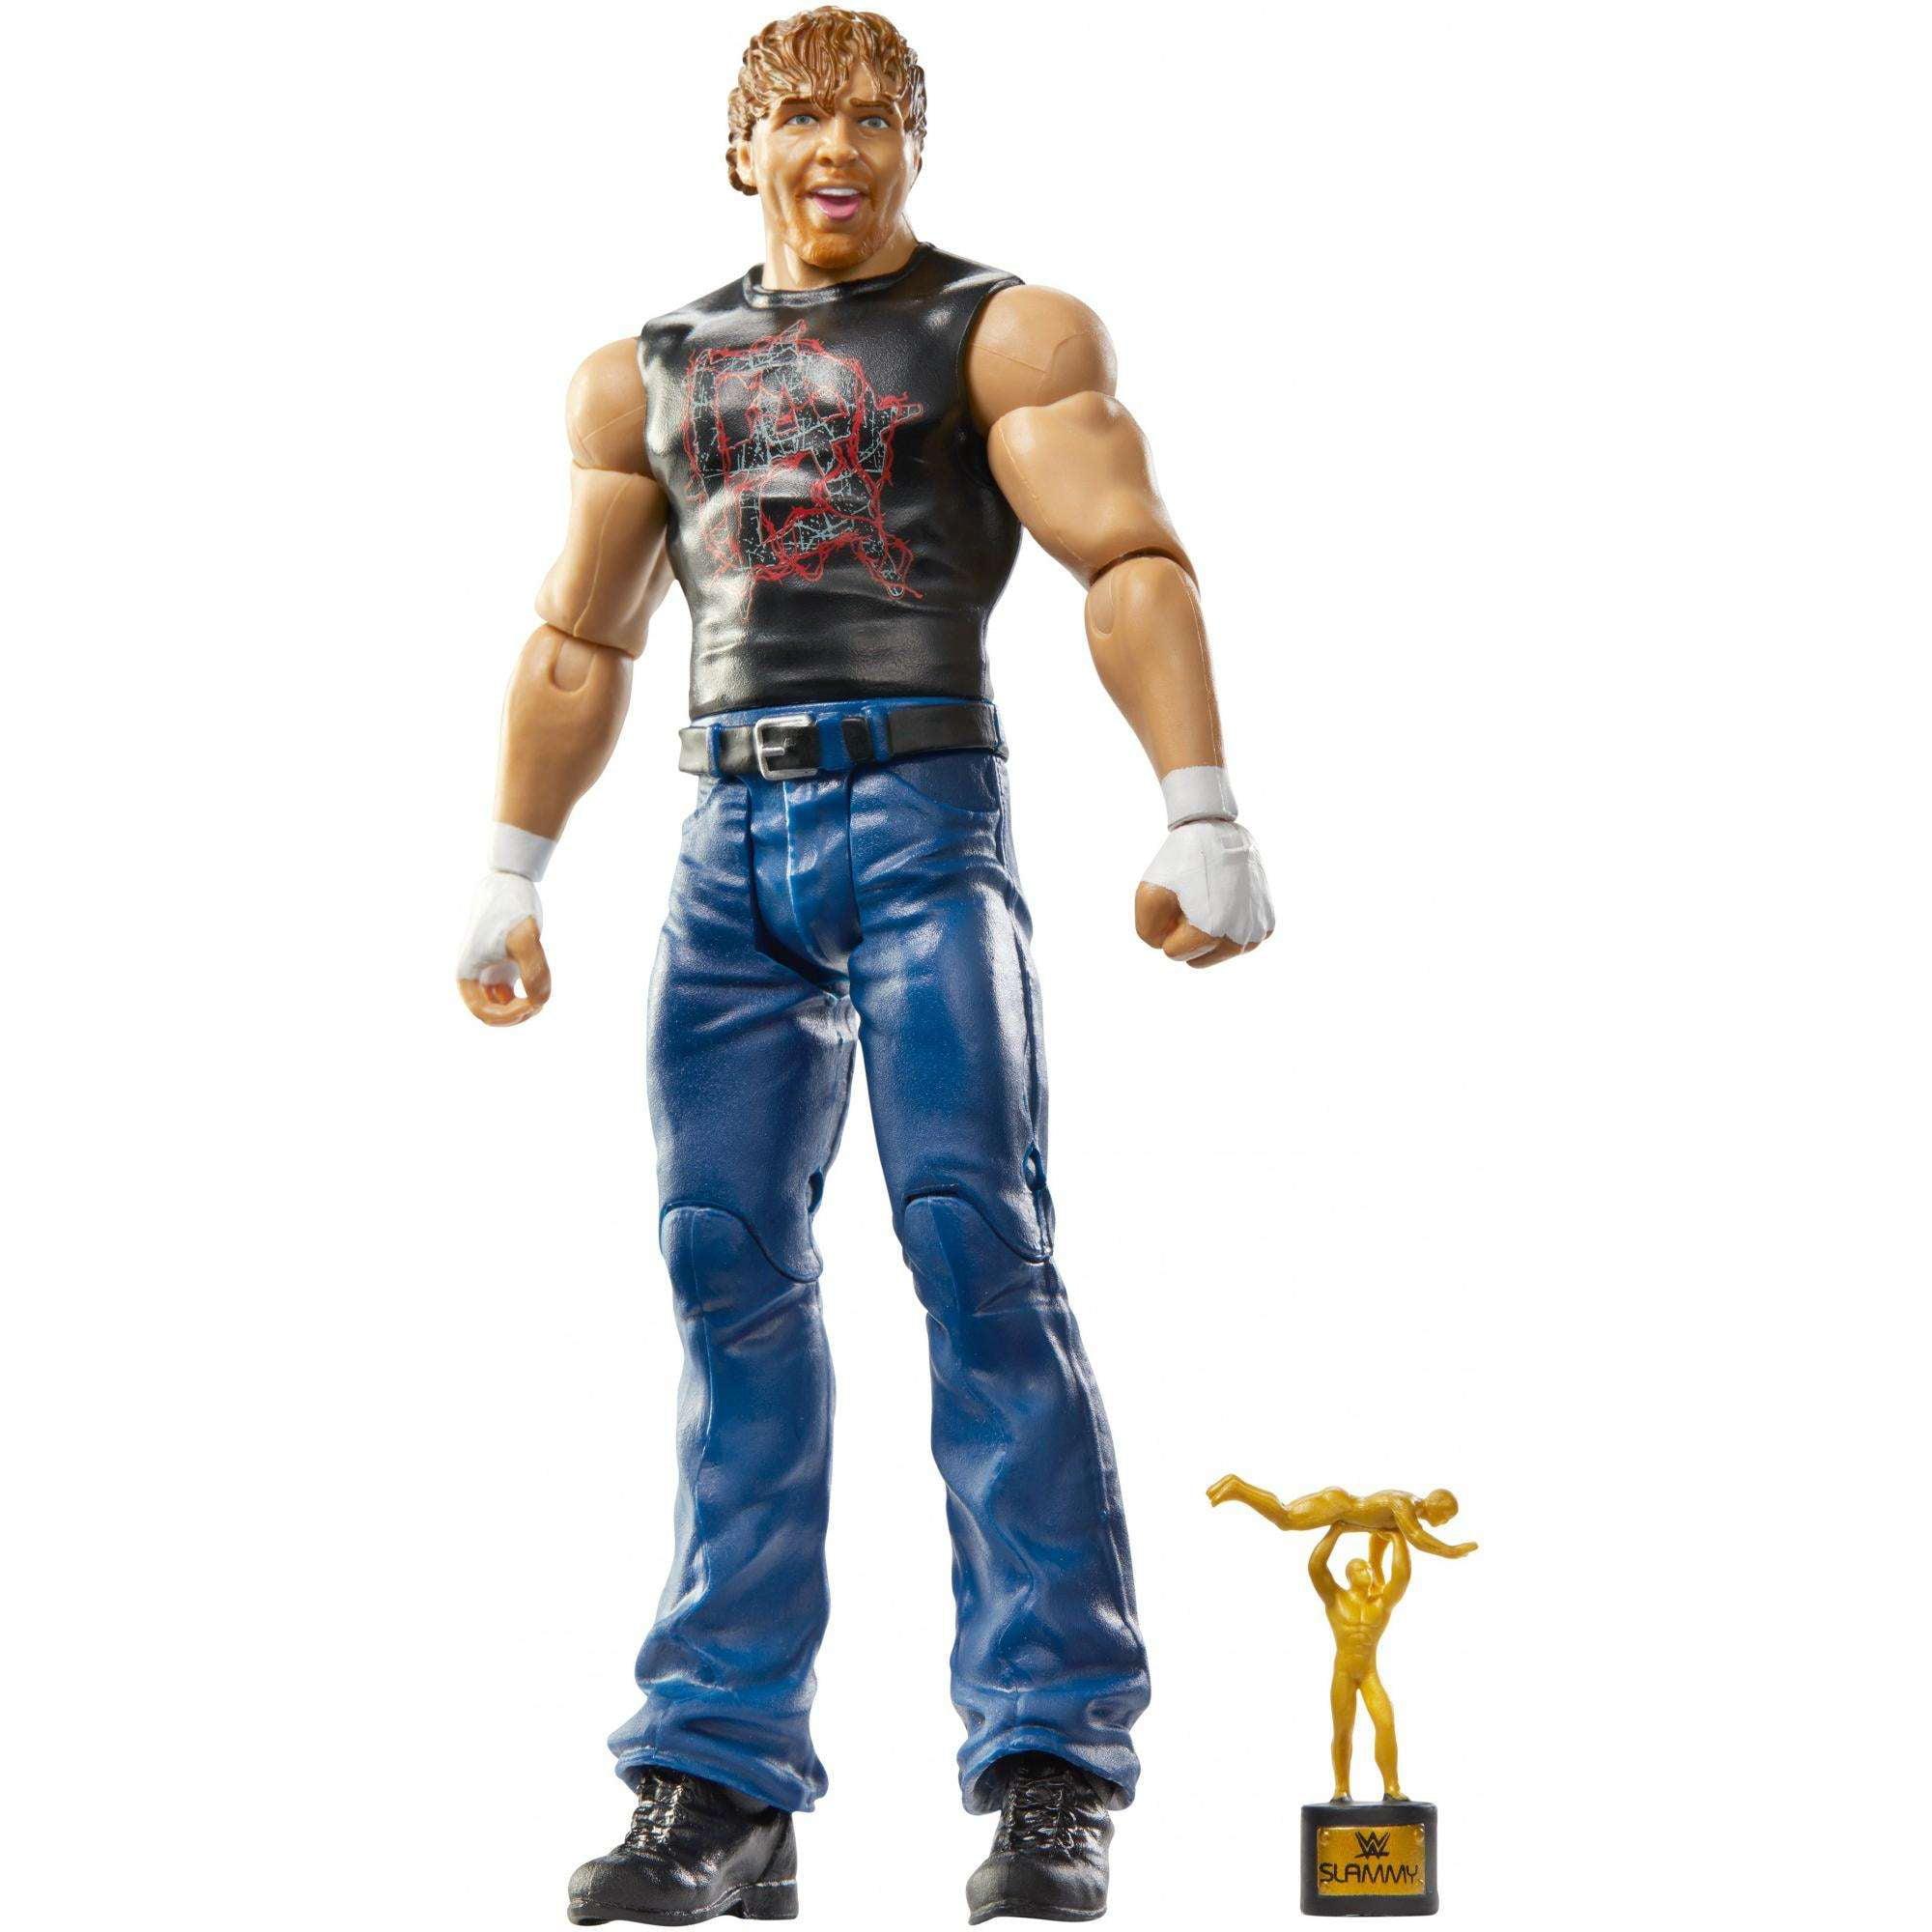 WWE Dean Ambrose Figure